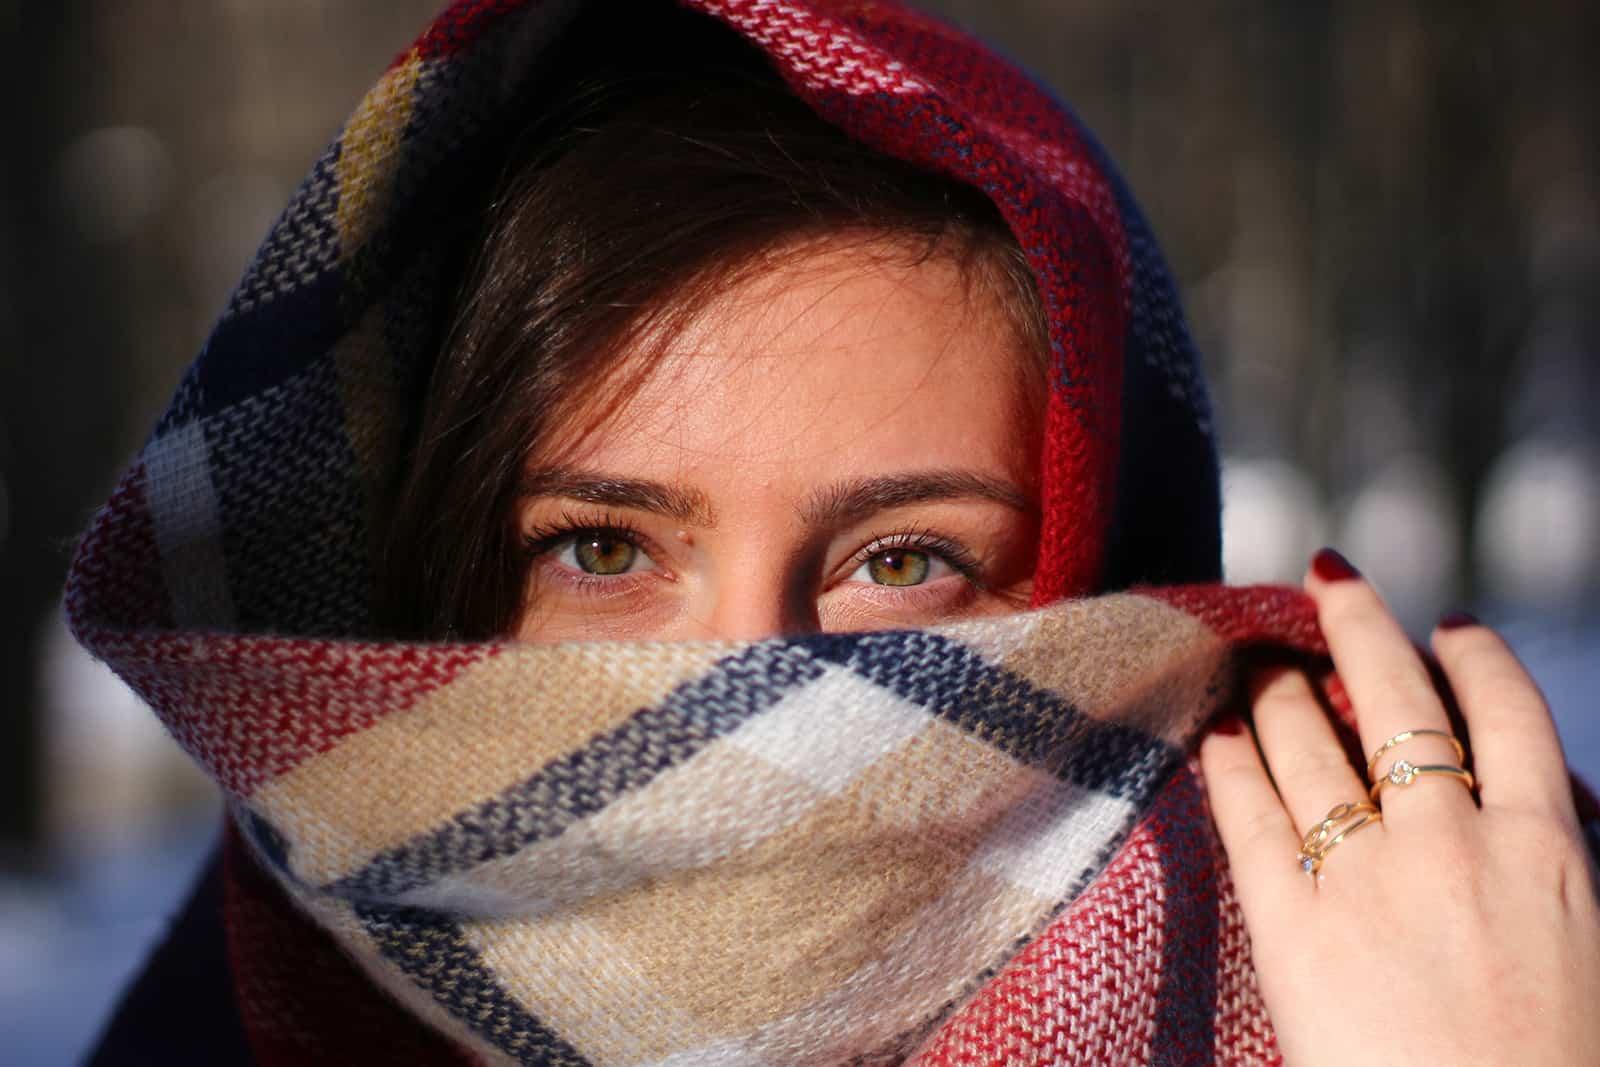 Frau bedeckt ihr Gesicht mit dem Kopftuch und hält es mit der Hand